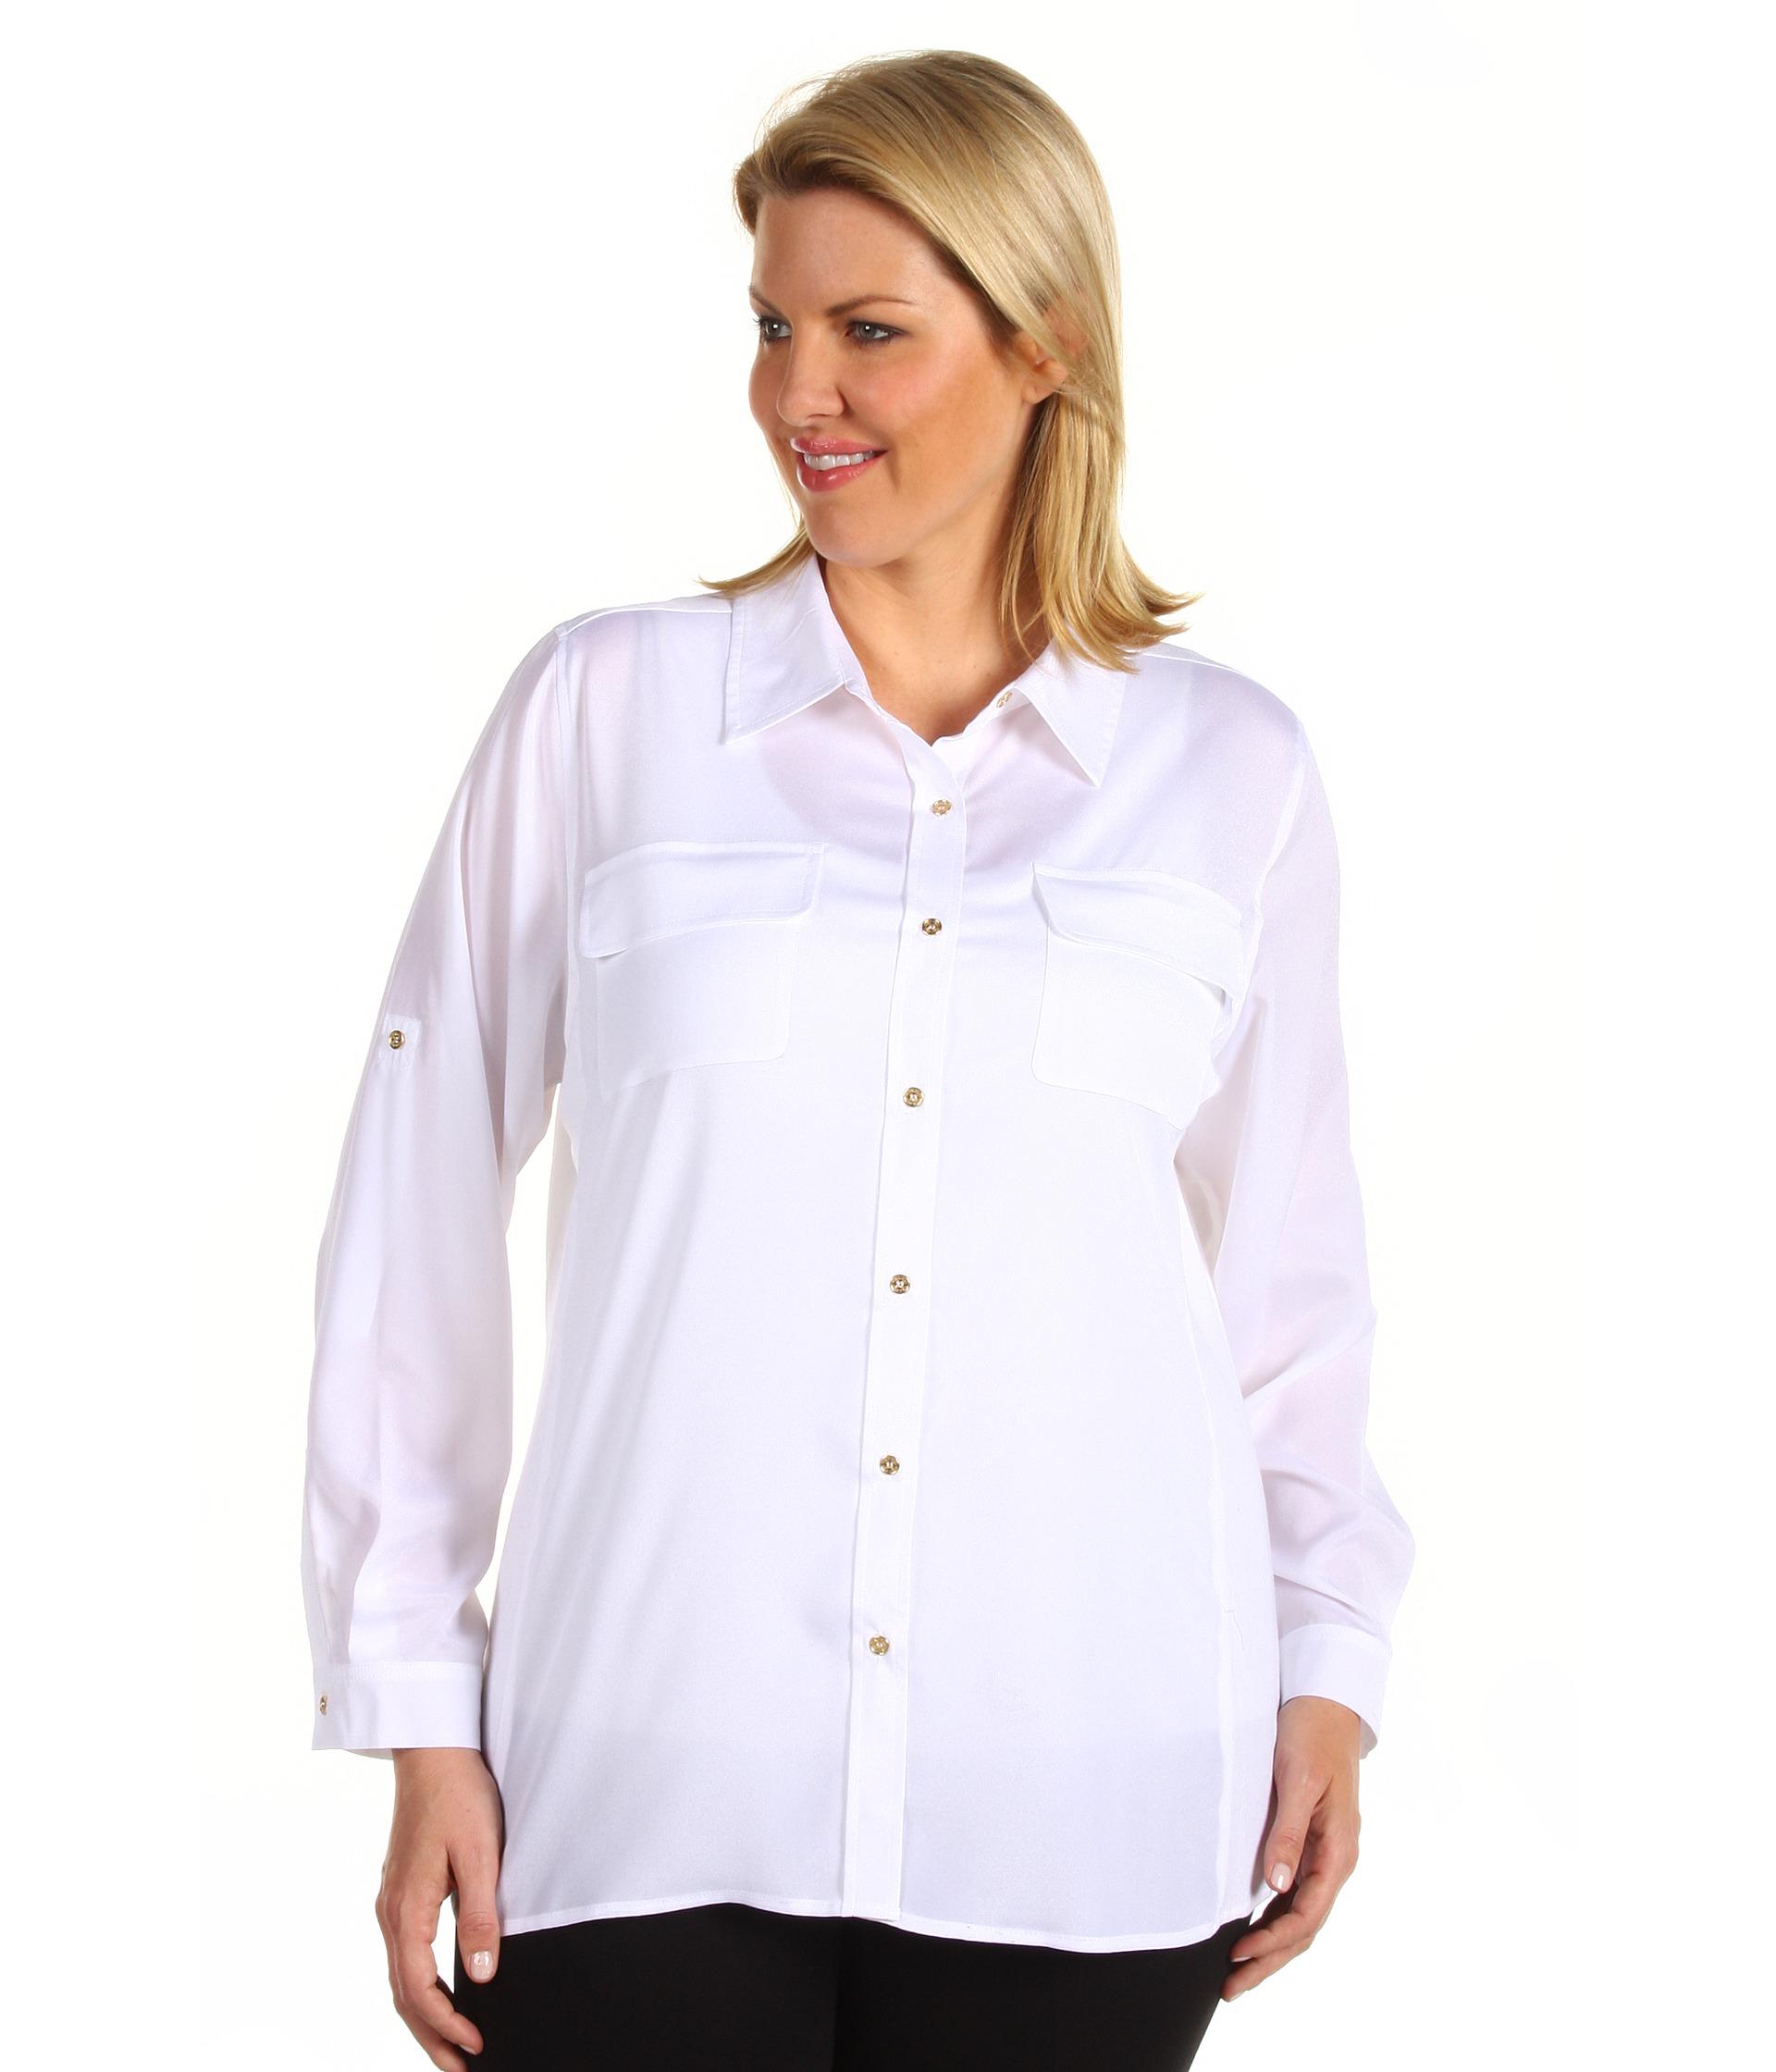 White Dress Blouse Plus Size 112